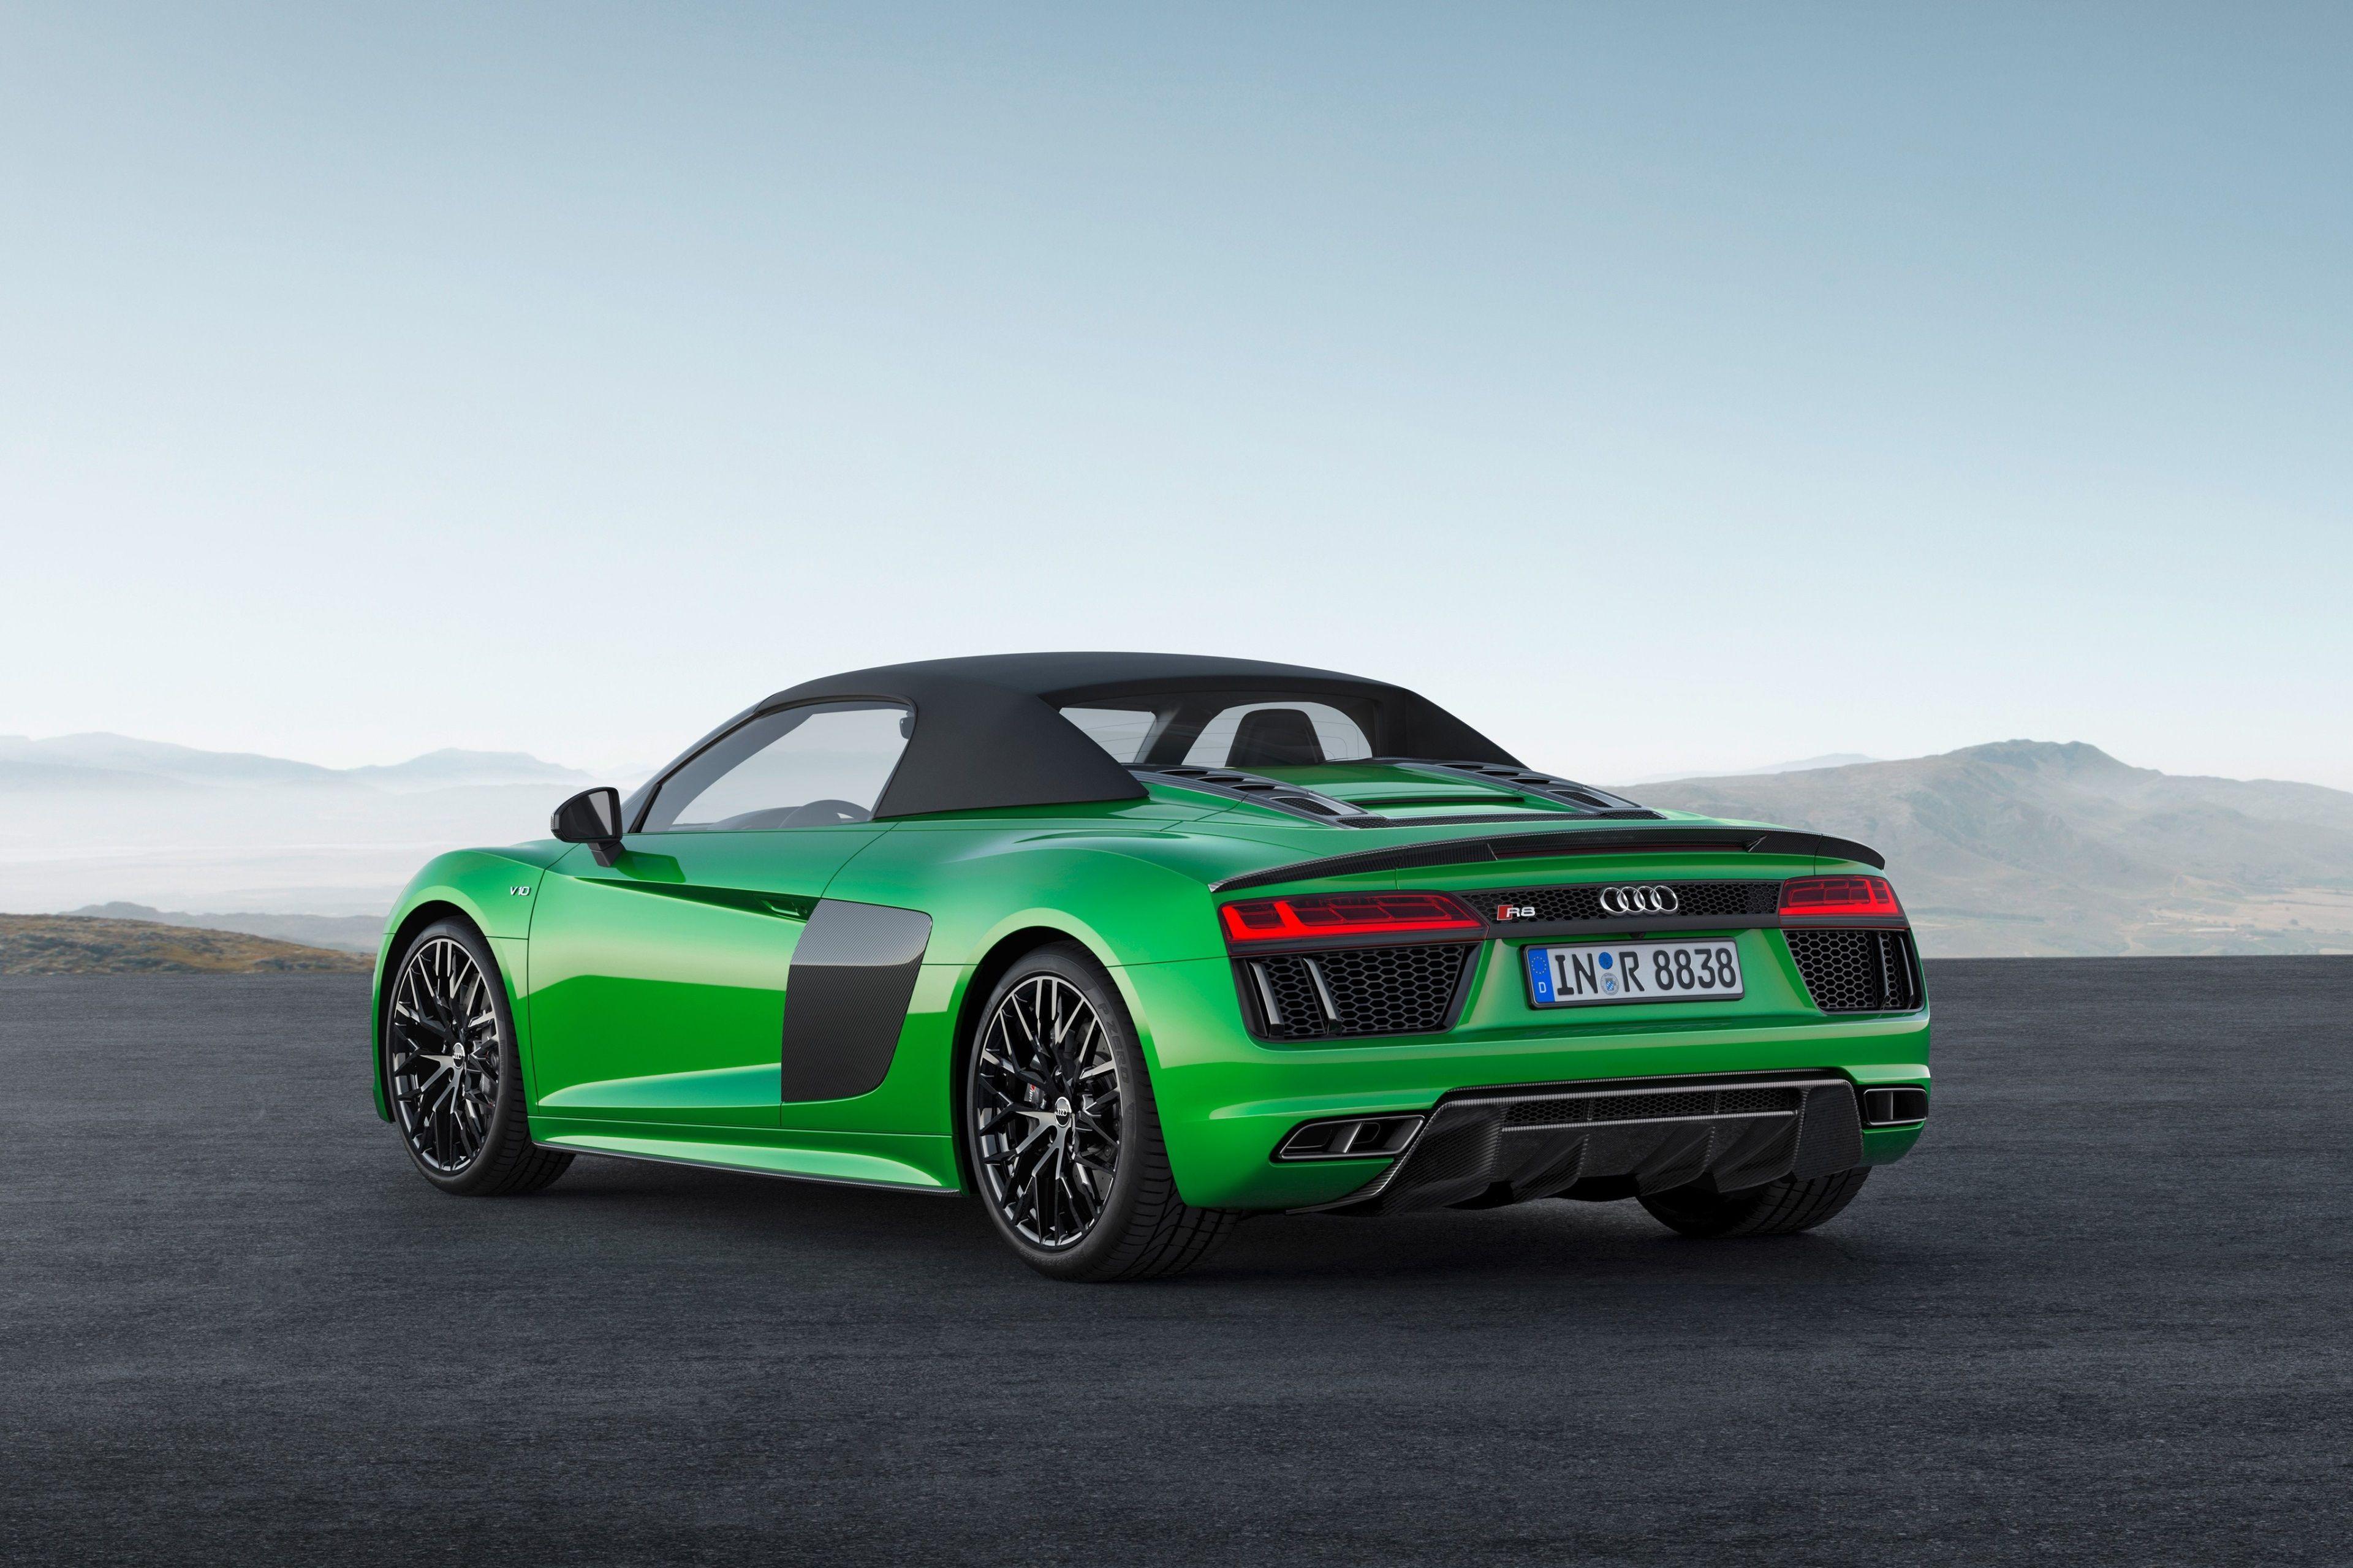 3840x2559 Audi R8 Spyder V10 Plus 4k Best Wallpaper Download